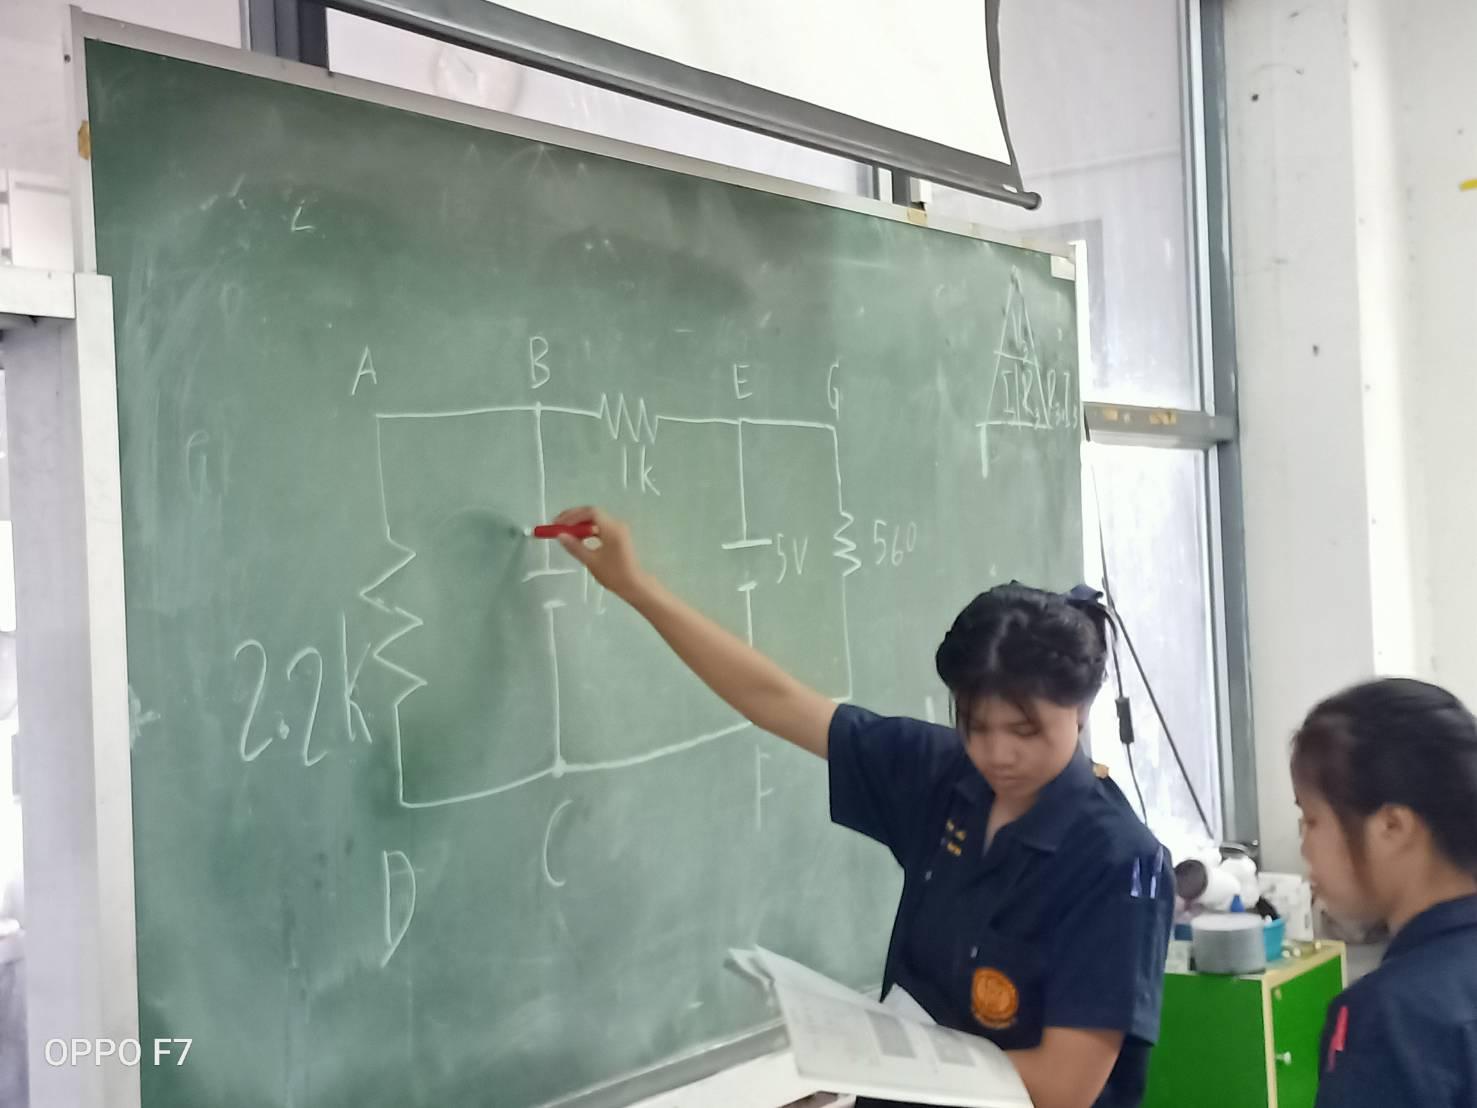 ภาพประกอบไอเดีย การวัดค่าVp ในออสซินโลสโคบ